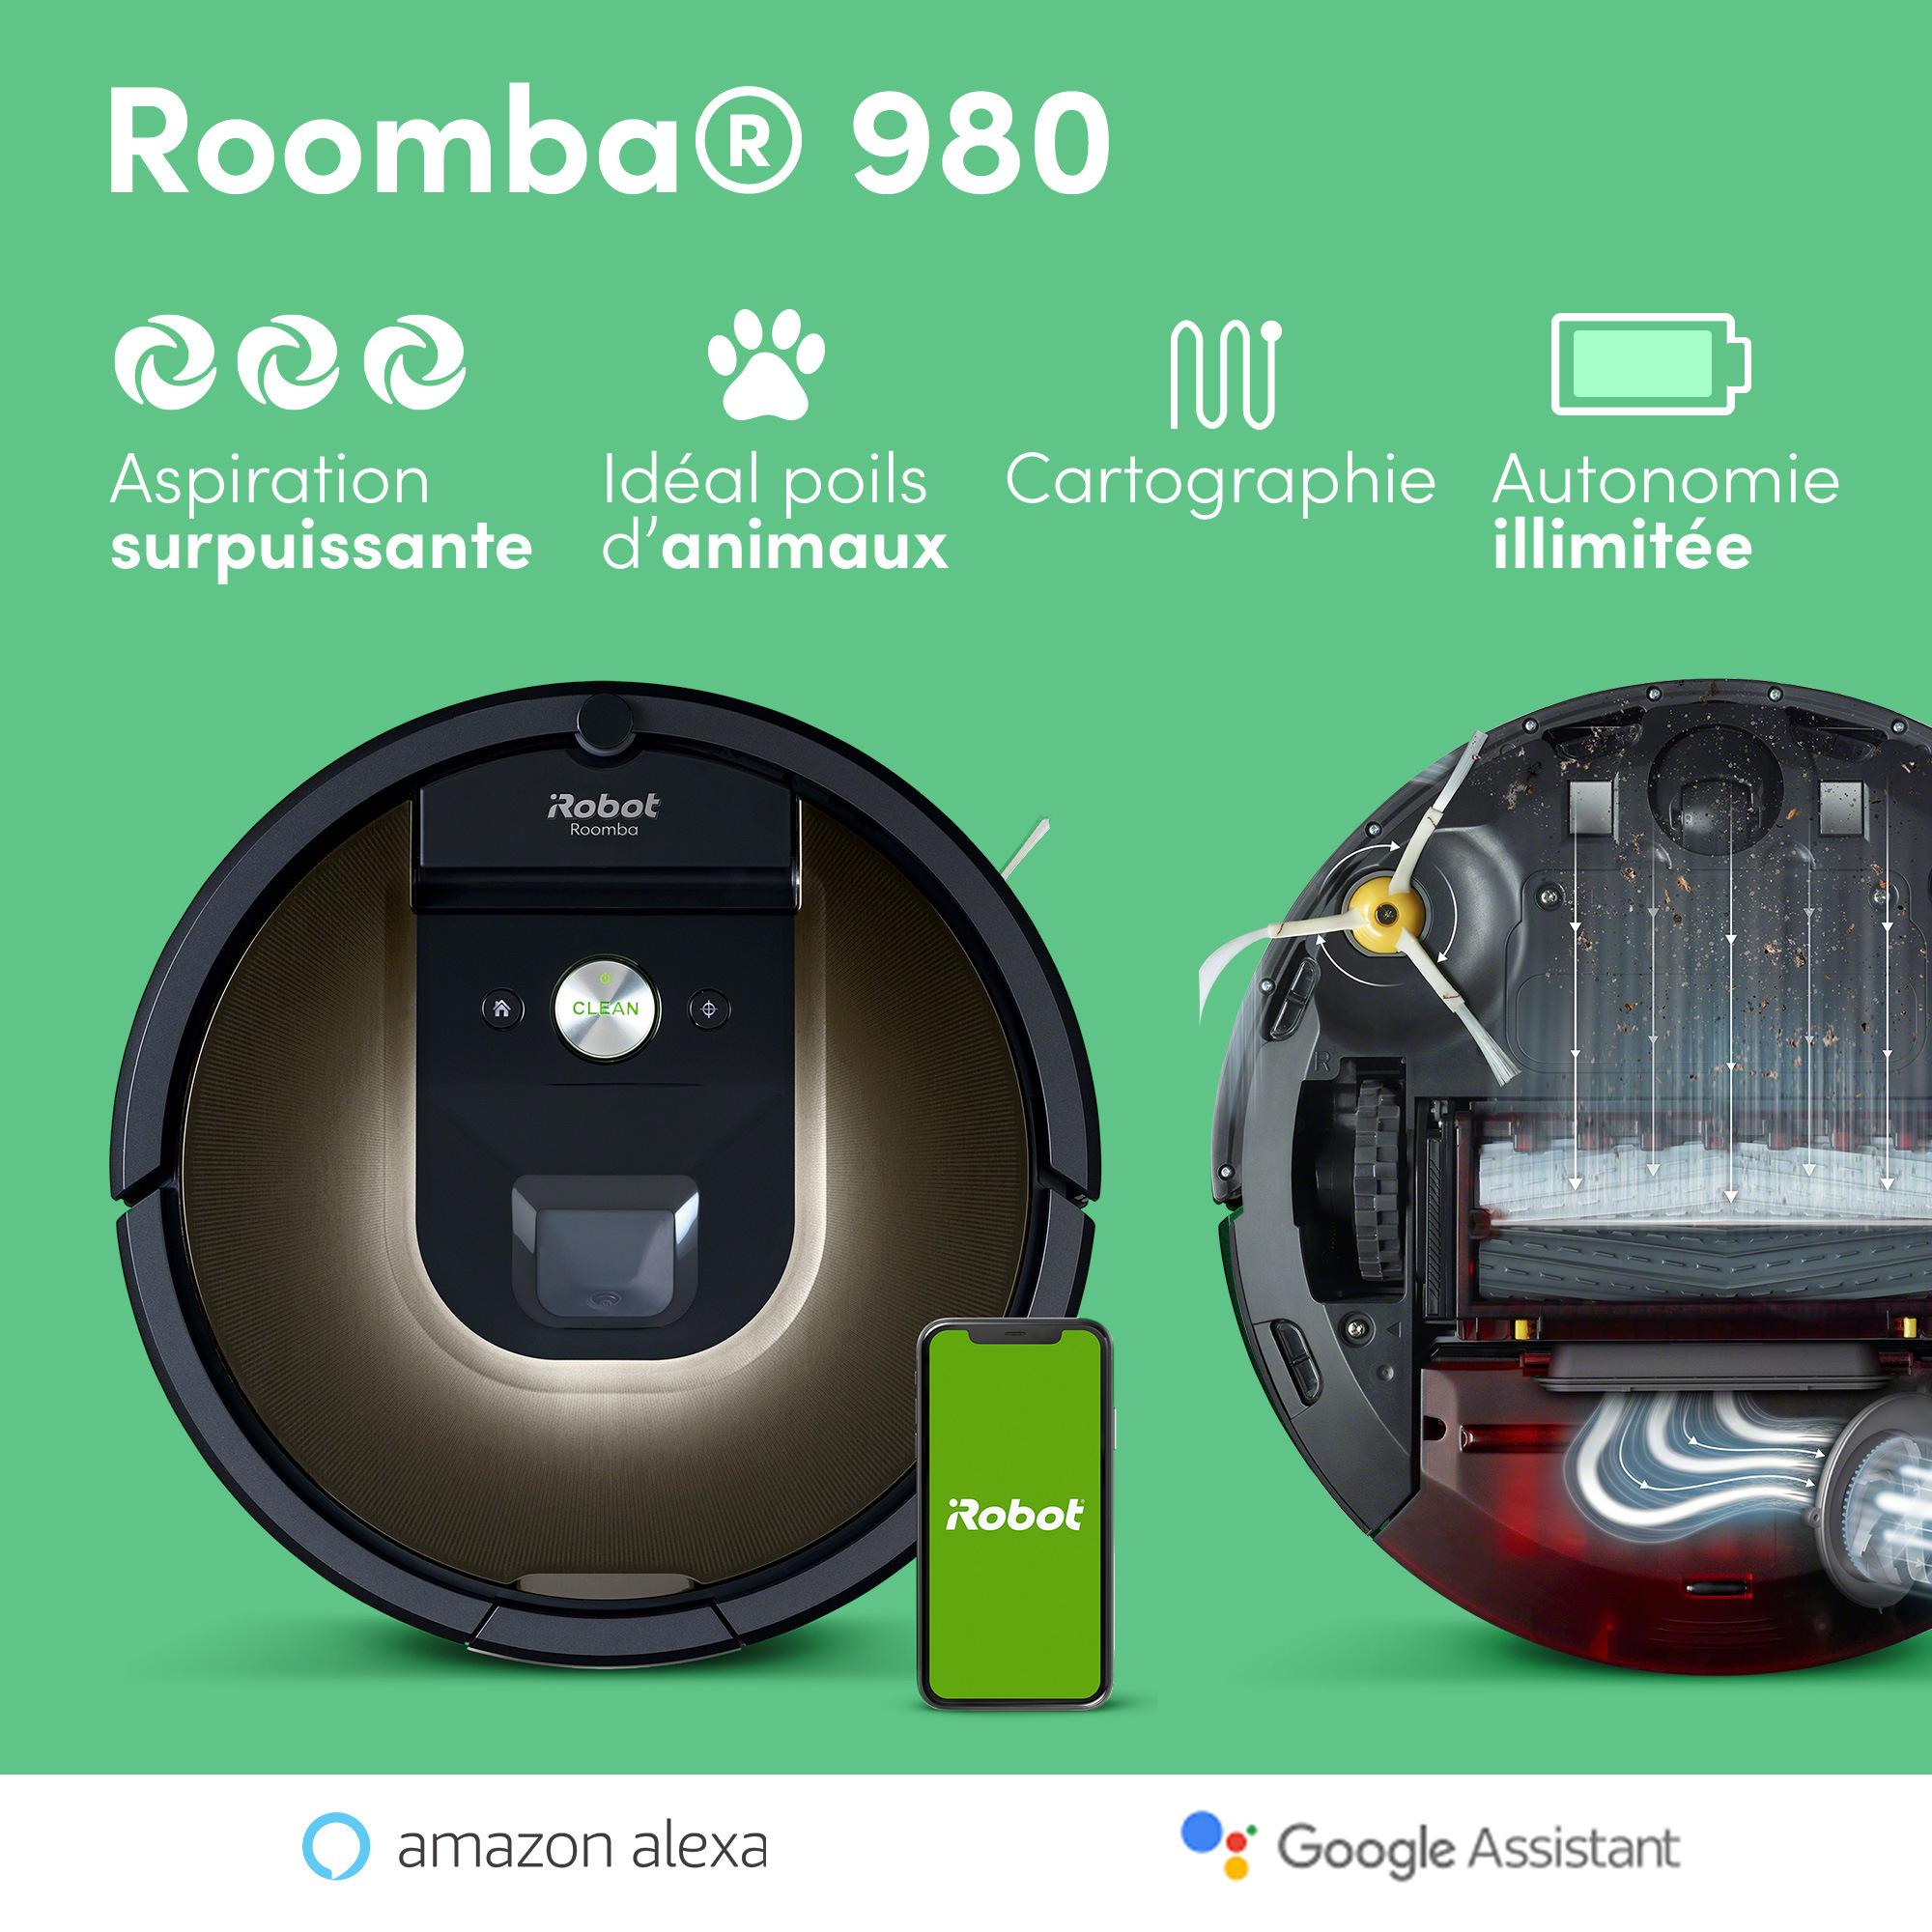 Aspirateur robot Roomba 980 - Autonomie illimitée et cartographie